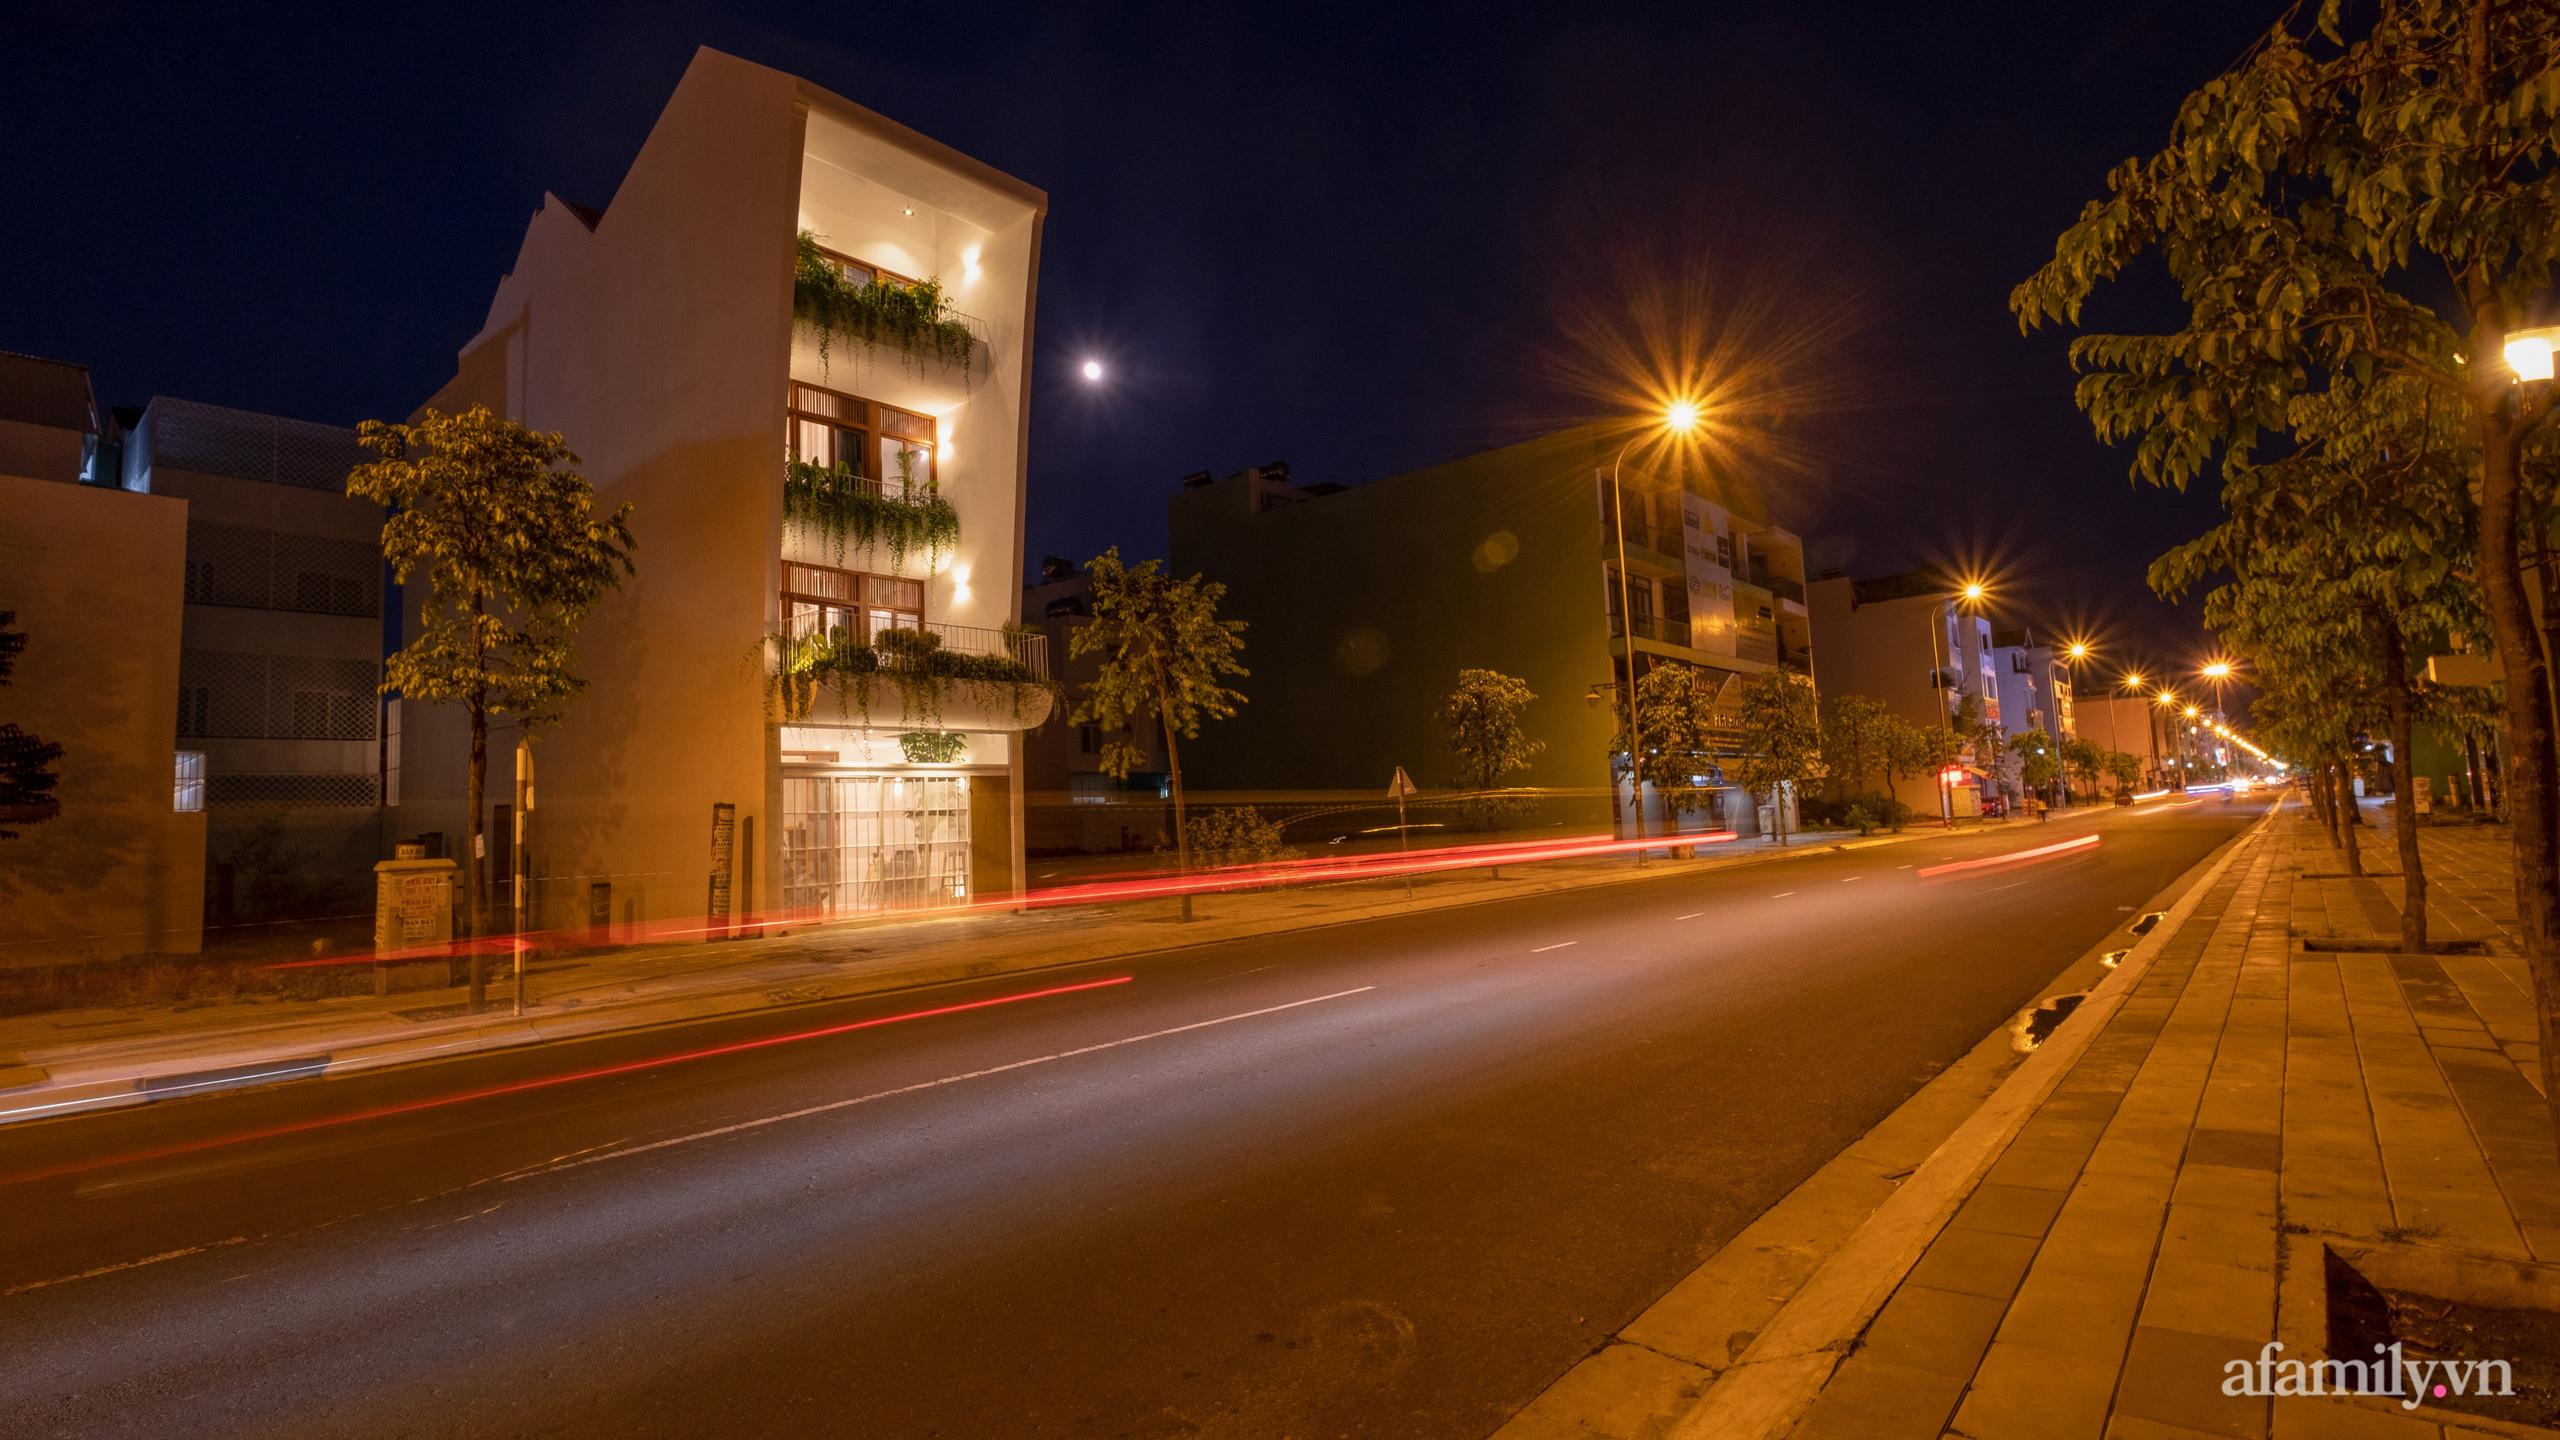 Nhà phố hướng Tây vẫn mát mẻ không cần điều hòa nhờ thiết kế gần gũi với thiên nhiên ở Nha Trang - Ảnh 1.